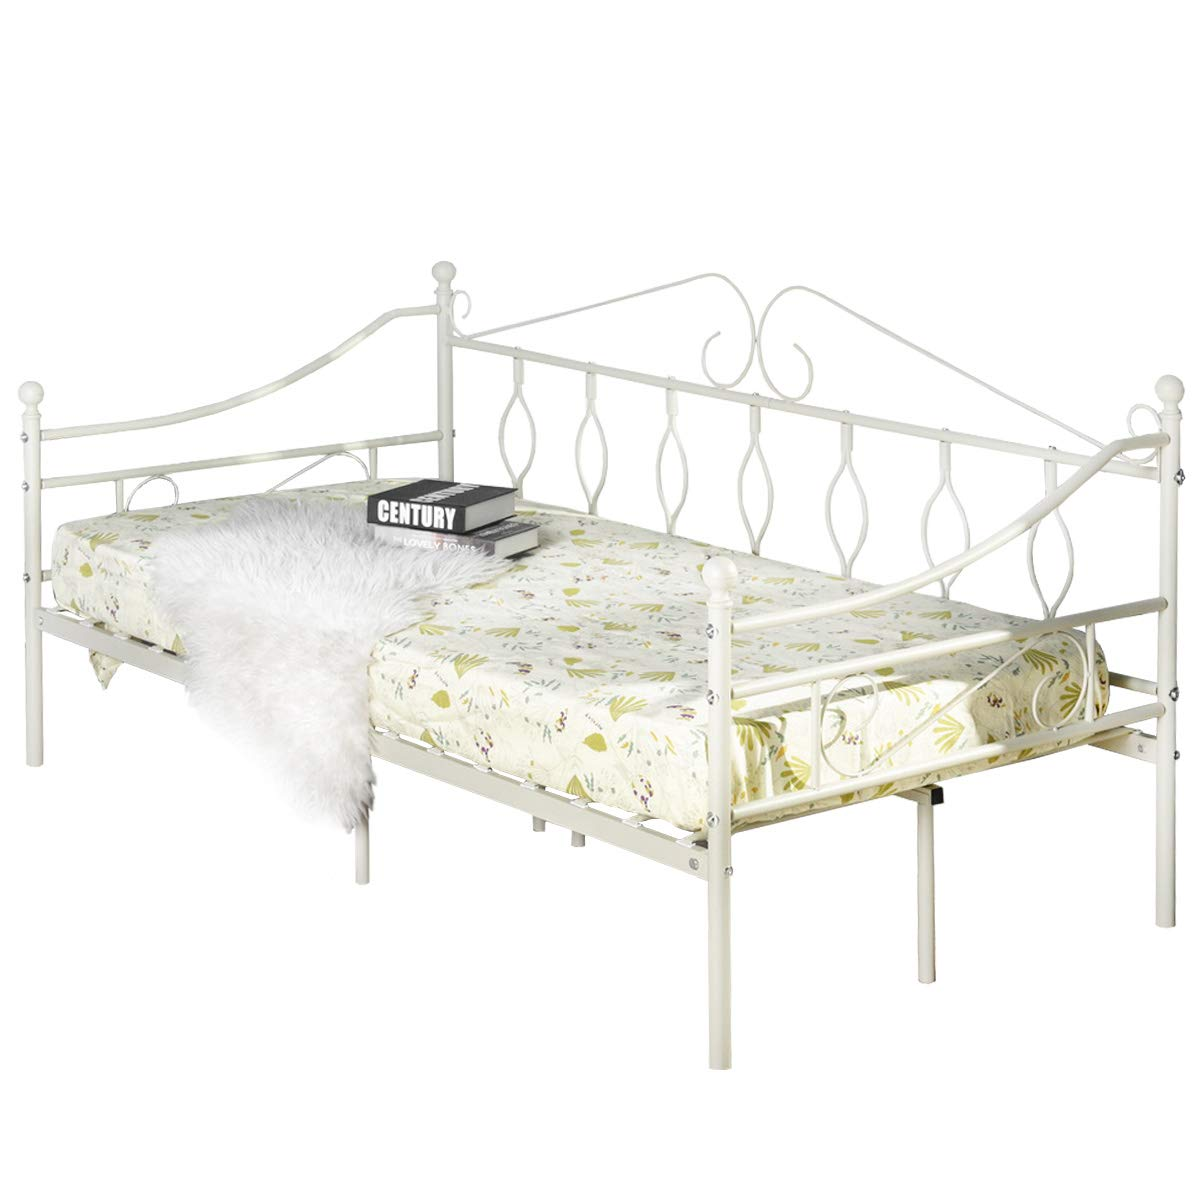 Aingoo Wohnzimmer Tagesbett Metallbett mit Bettrahmen für Schlafzimmer Wohnzimmer Aingoo Balkon (Schwarz) afdad2